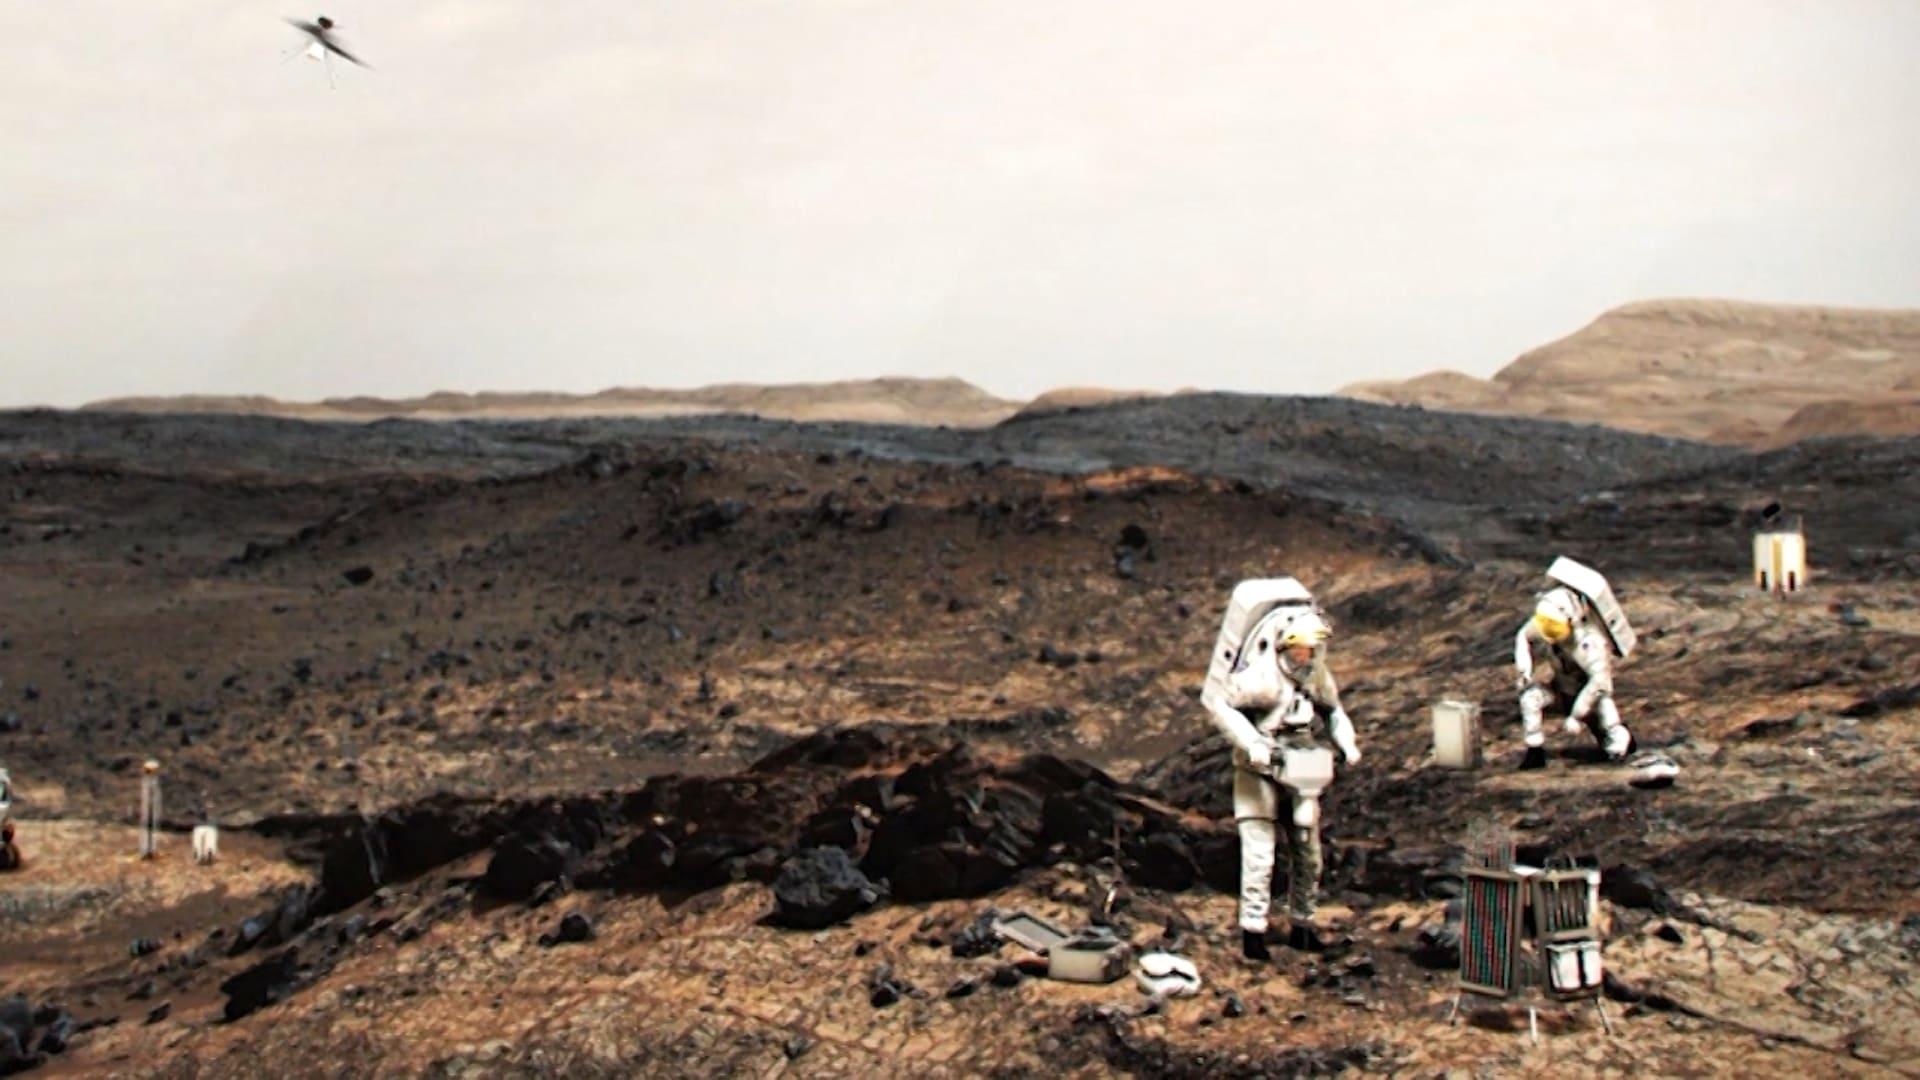 3 مسابير فضائية تصل كوكب المريخ في شهر واحد.. والهدف الاستعداد لحياة جديدة